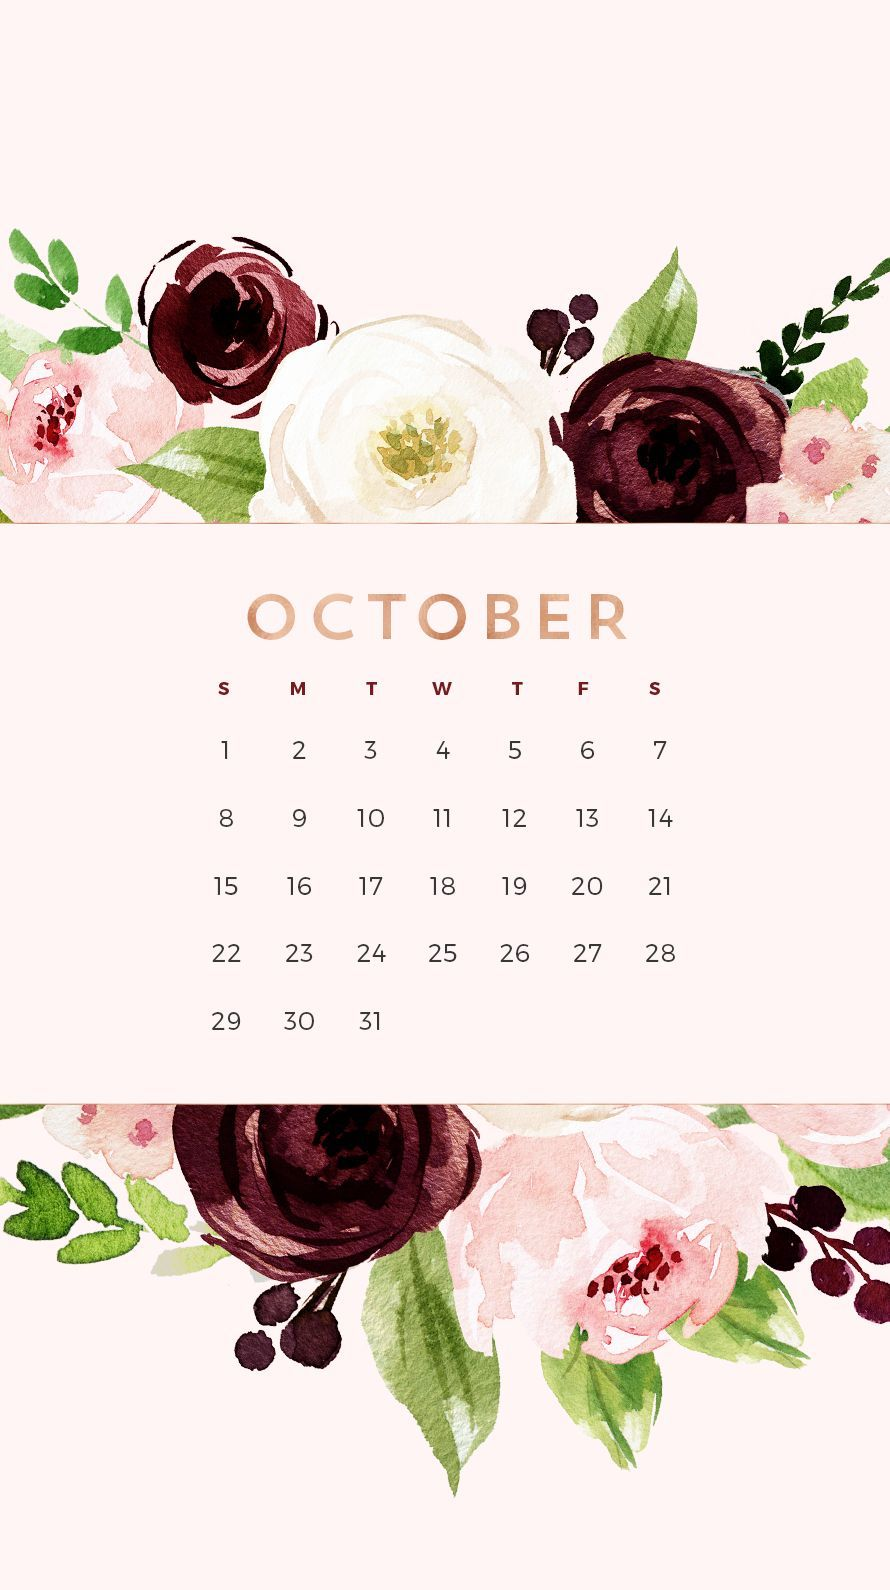 October 2017 Iphone Wallpaper Octoberwallpaperiphone October 2017 Iphone Wallpaper In 2020 Iphone Wallpaper Fall Iphone Wallpaper October October Wallpaper